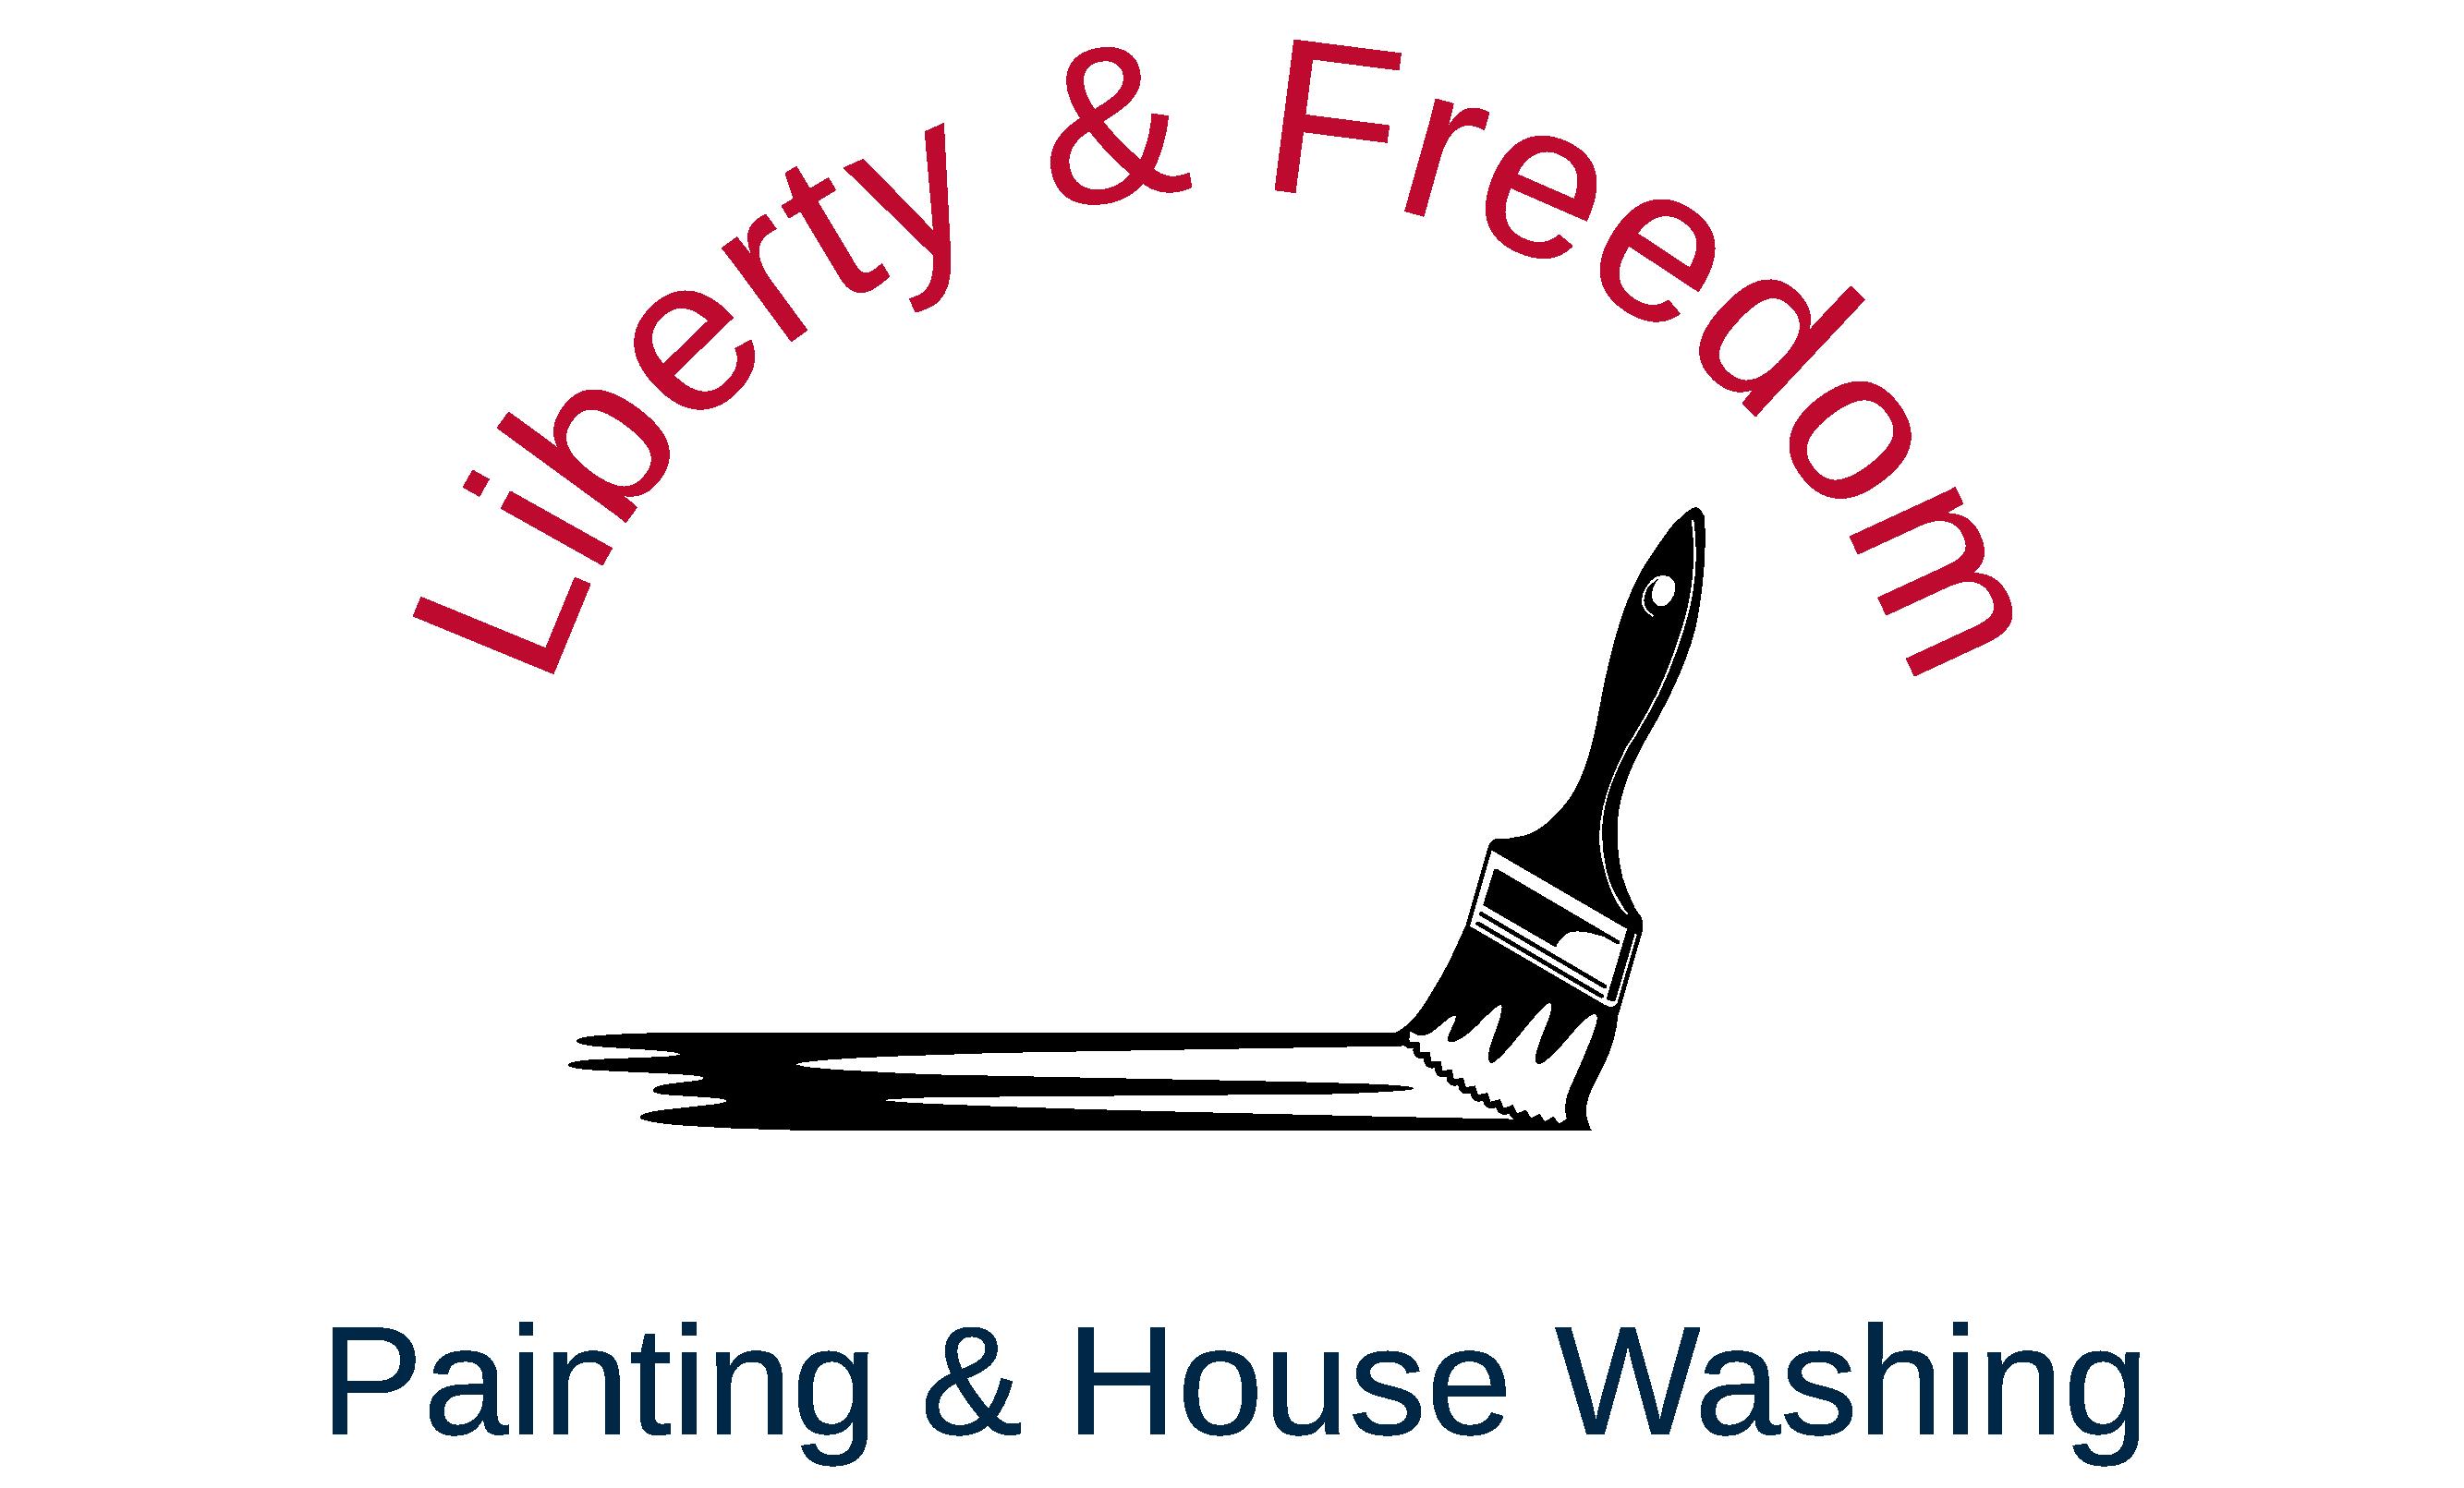 Liberty & Freedom Painting & House Washing